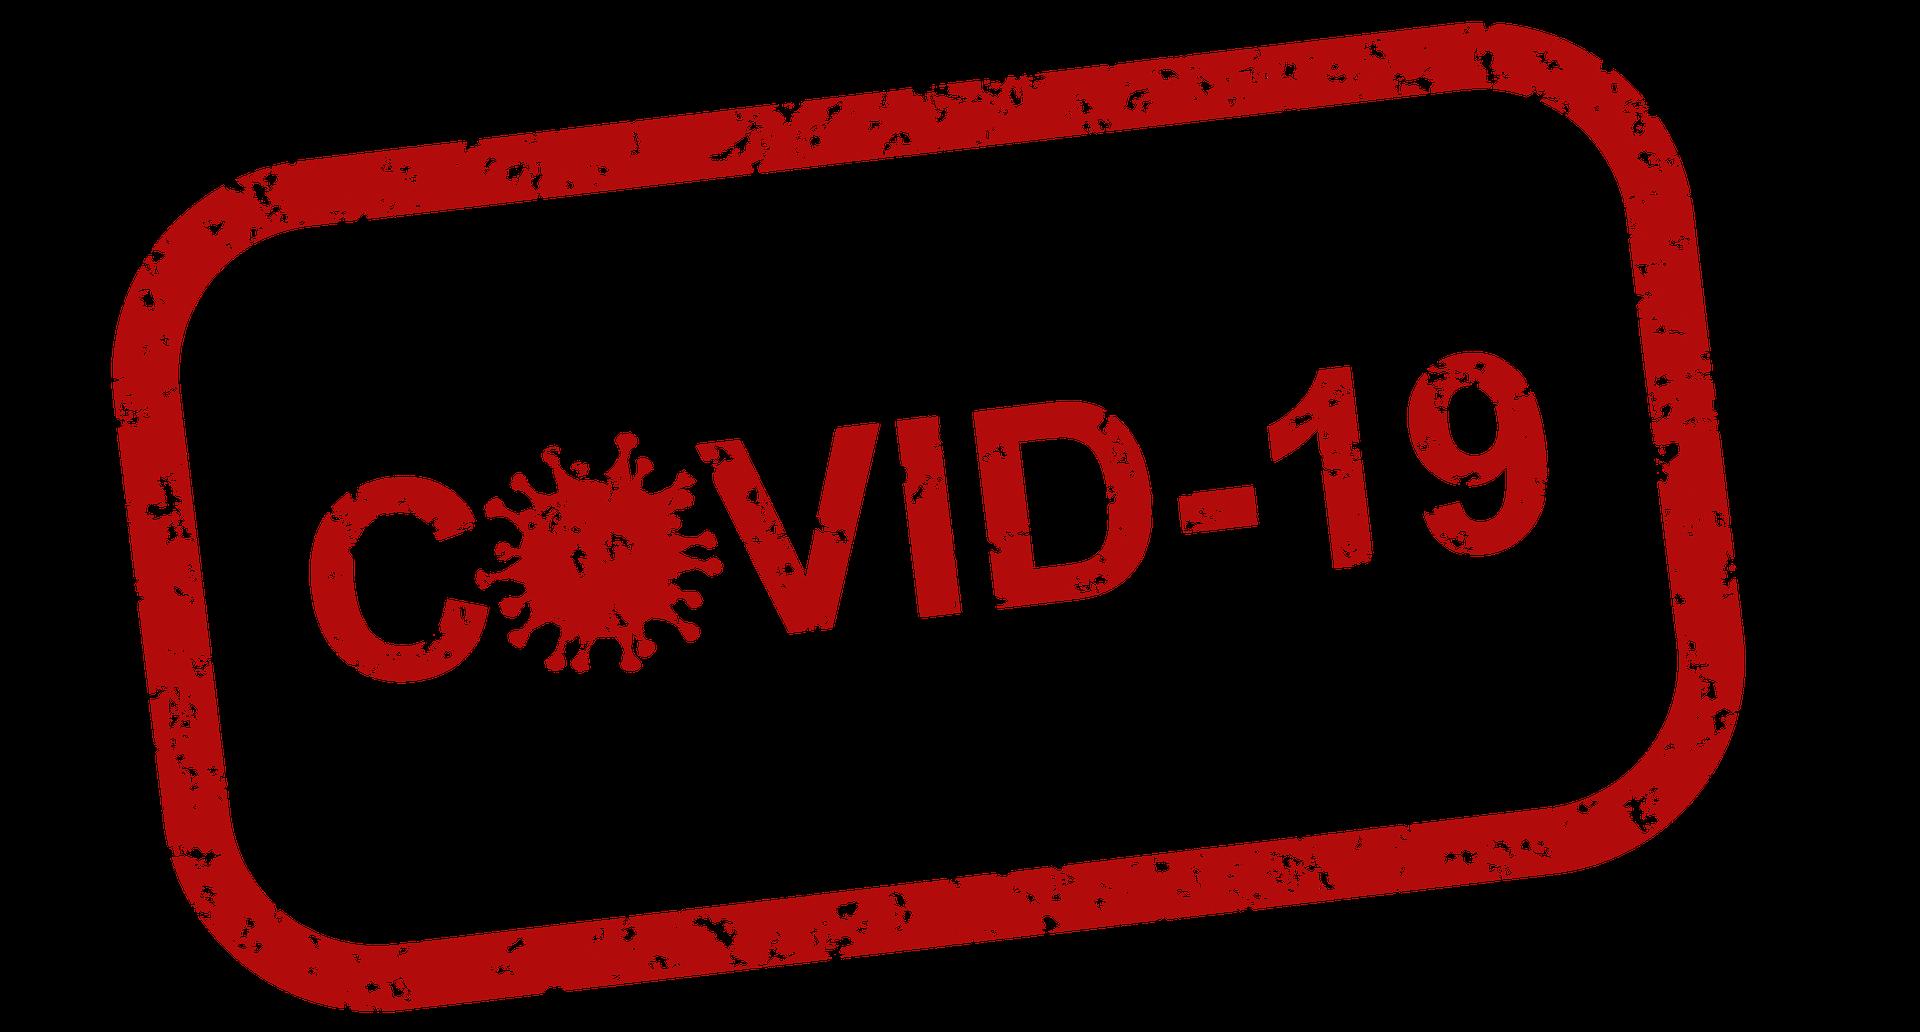 Ontario reporta 1.780 nuevos casos de COVID-19 y 25 nuevas muertes